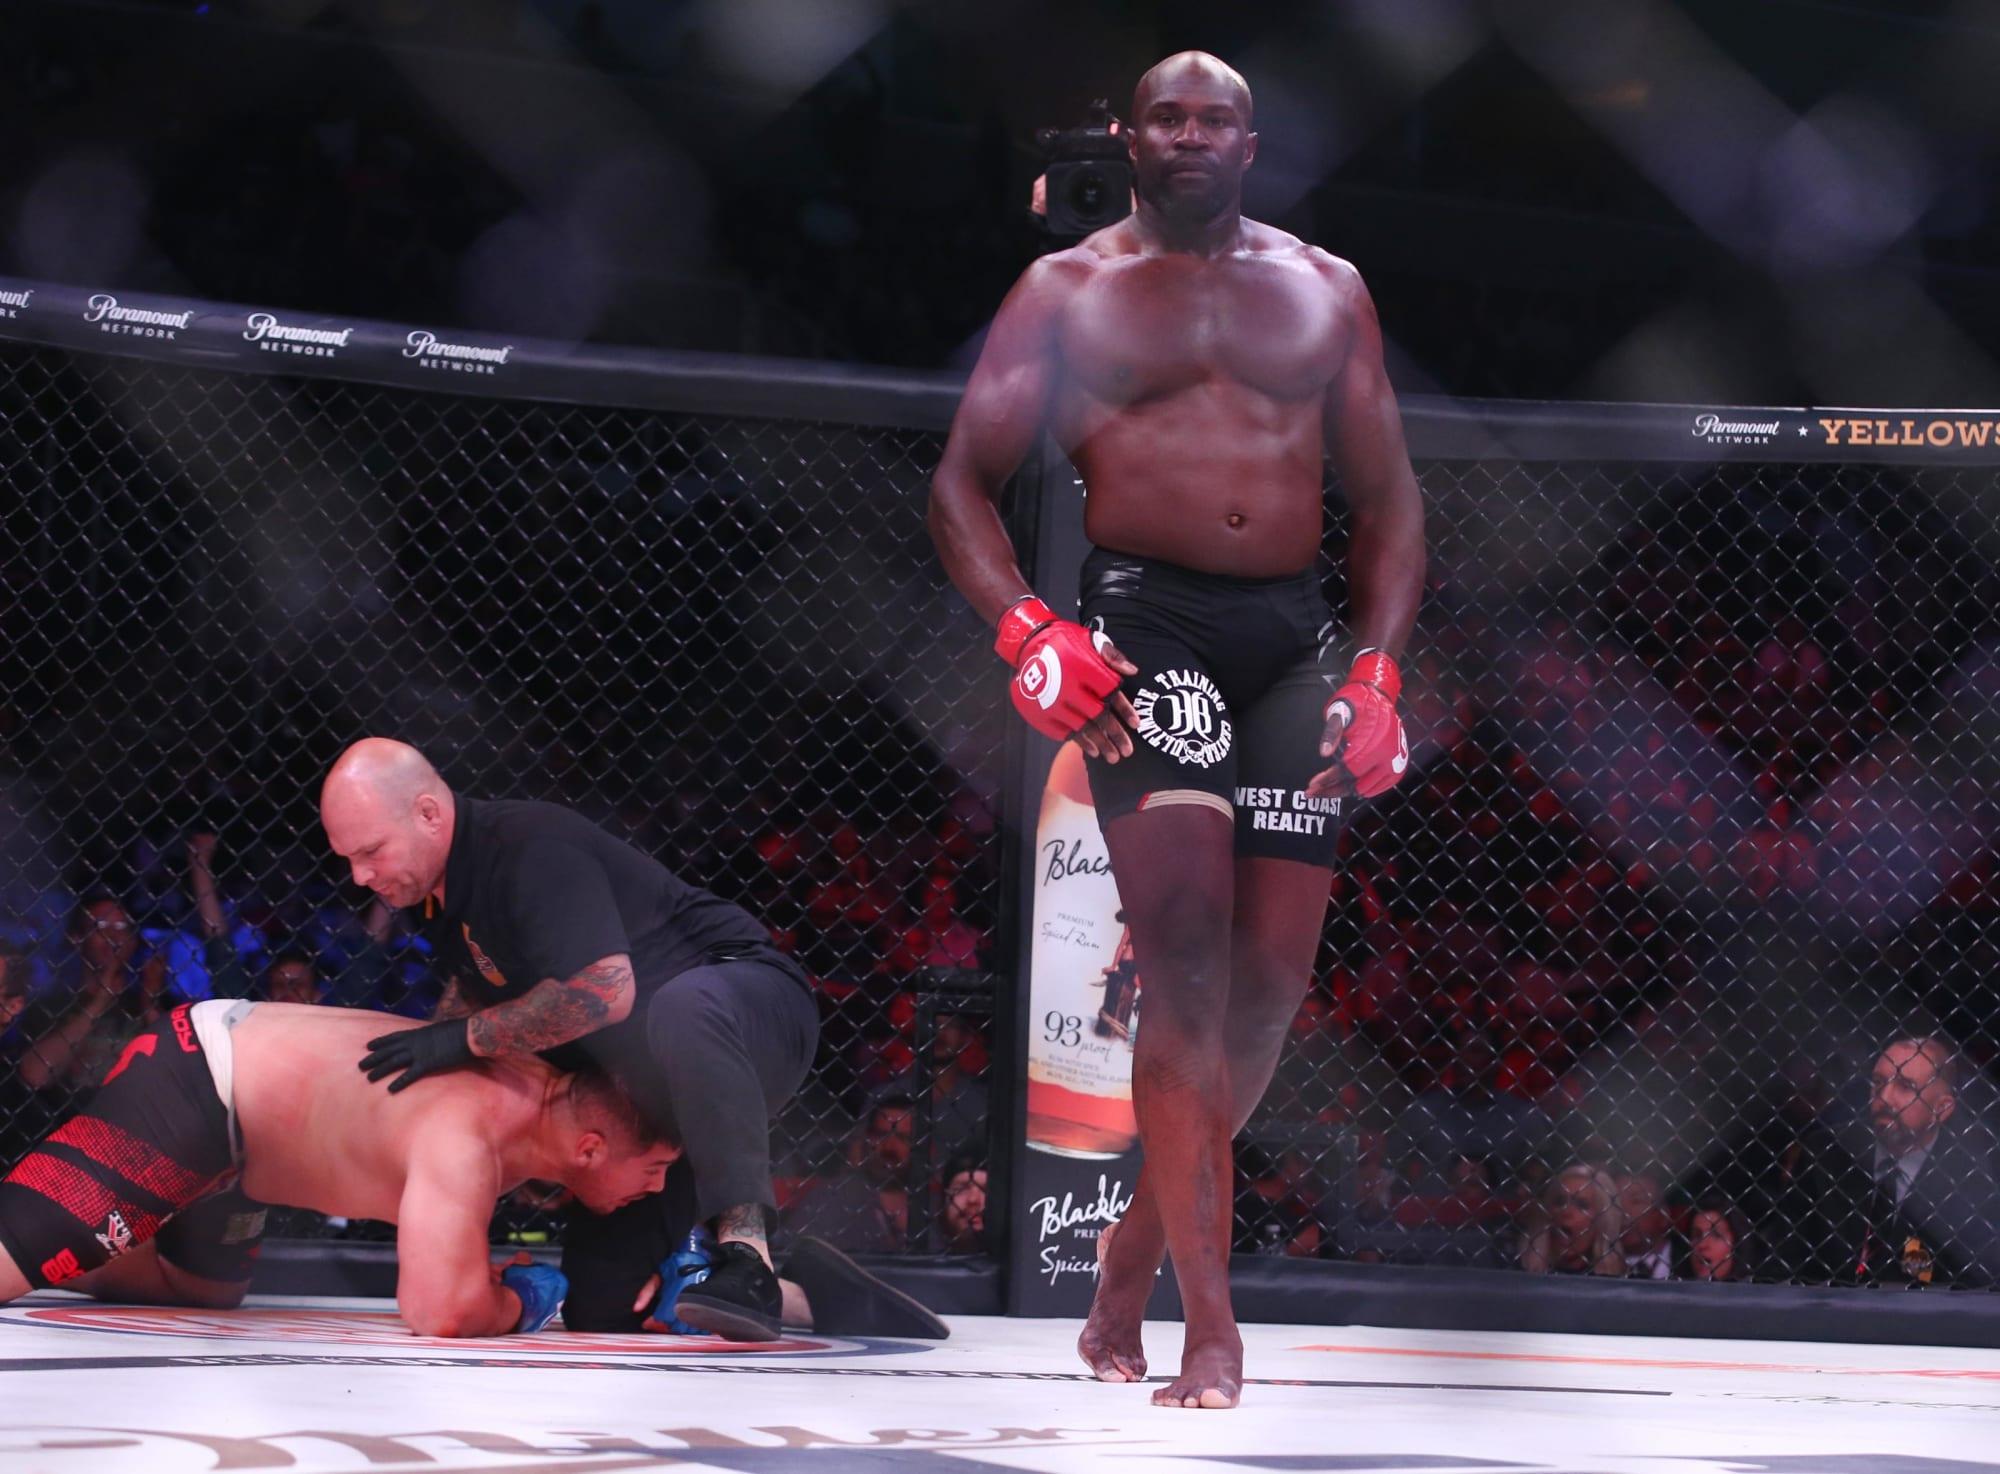 Bellator 265: Cheick Kongo vs Sergei Kharitonov resultados del pesaje